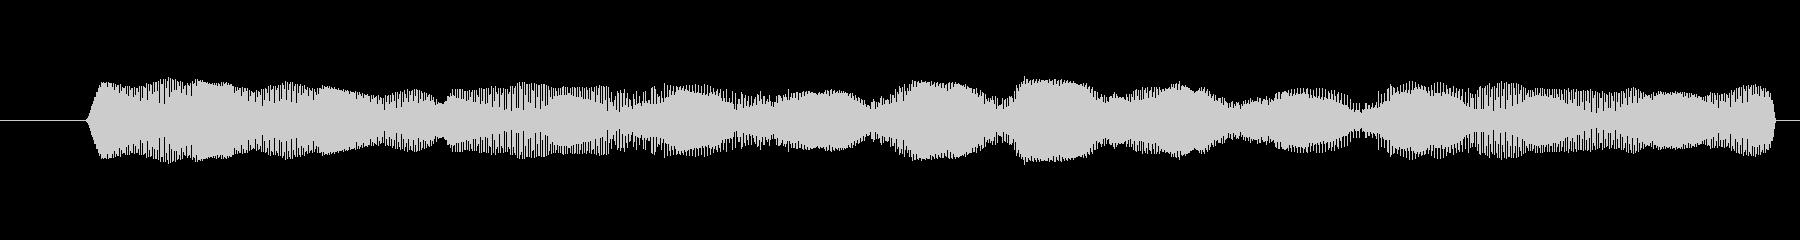 フィクション スペース クレイジー...の未再生の波形